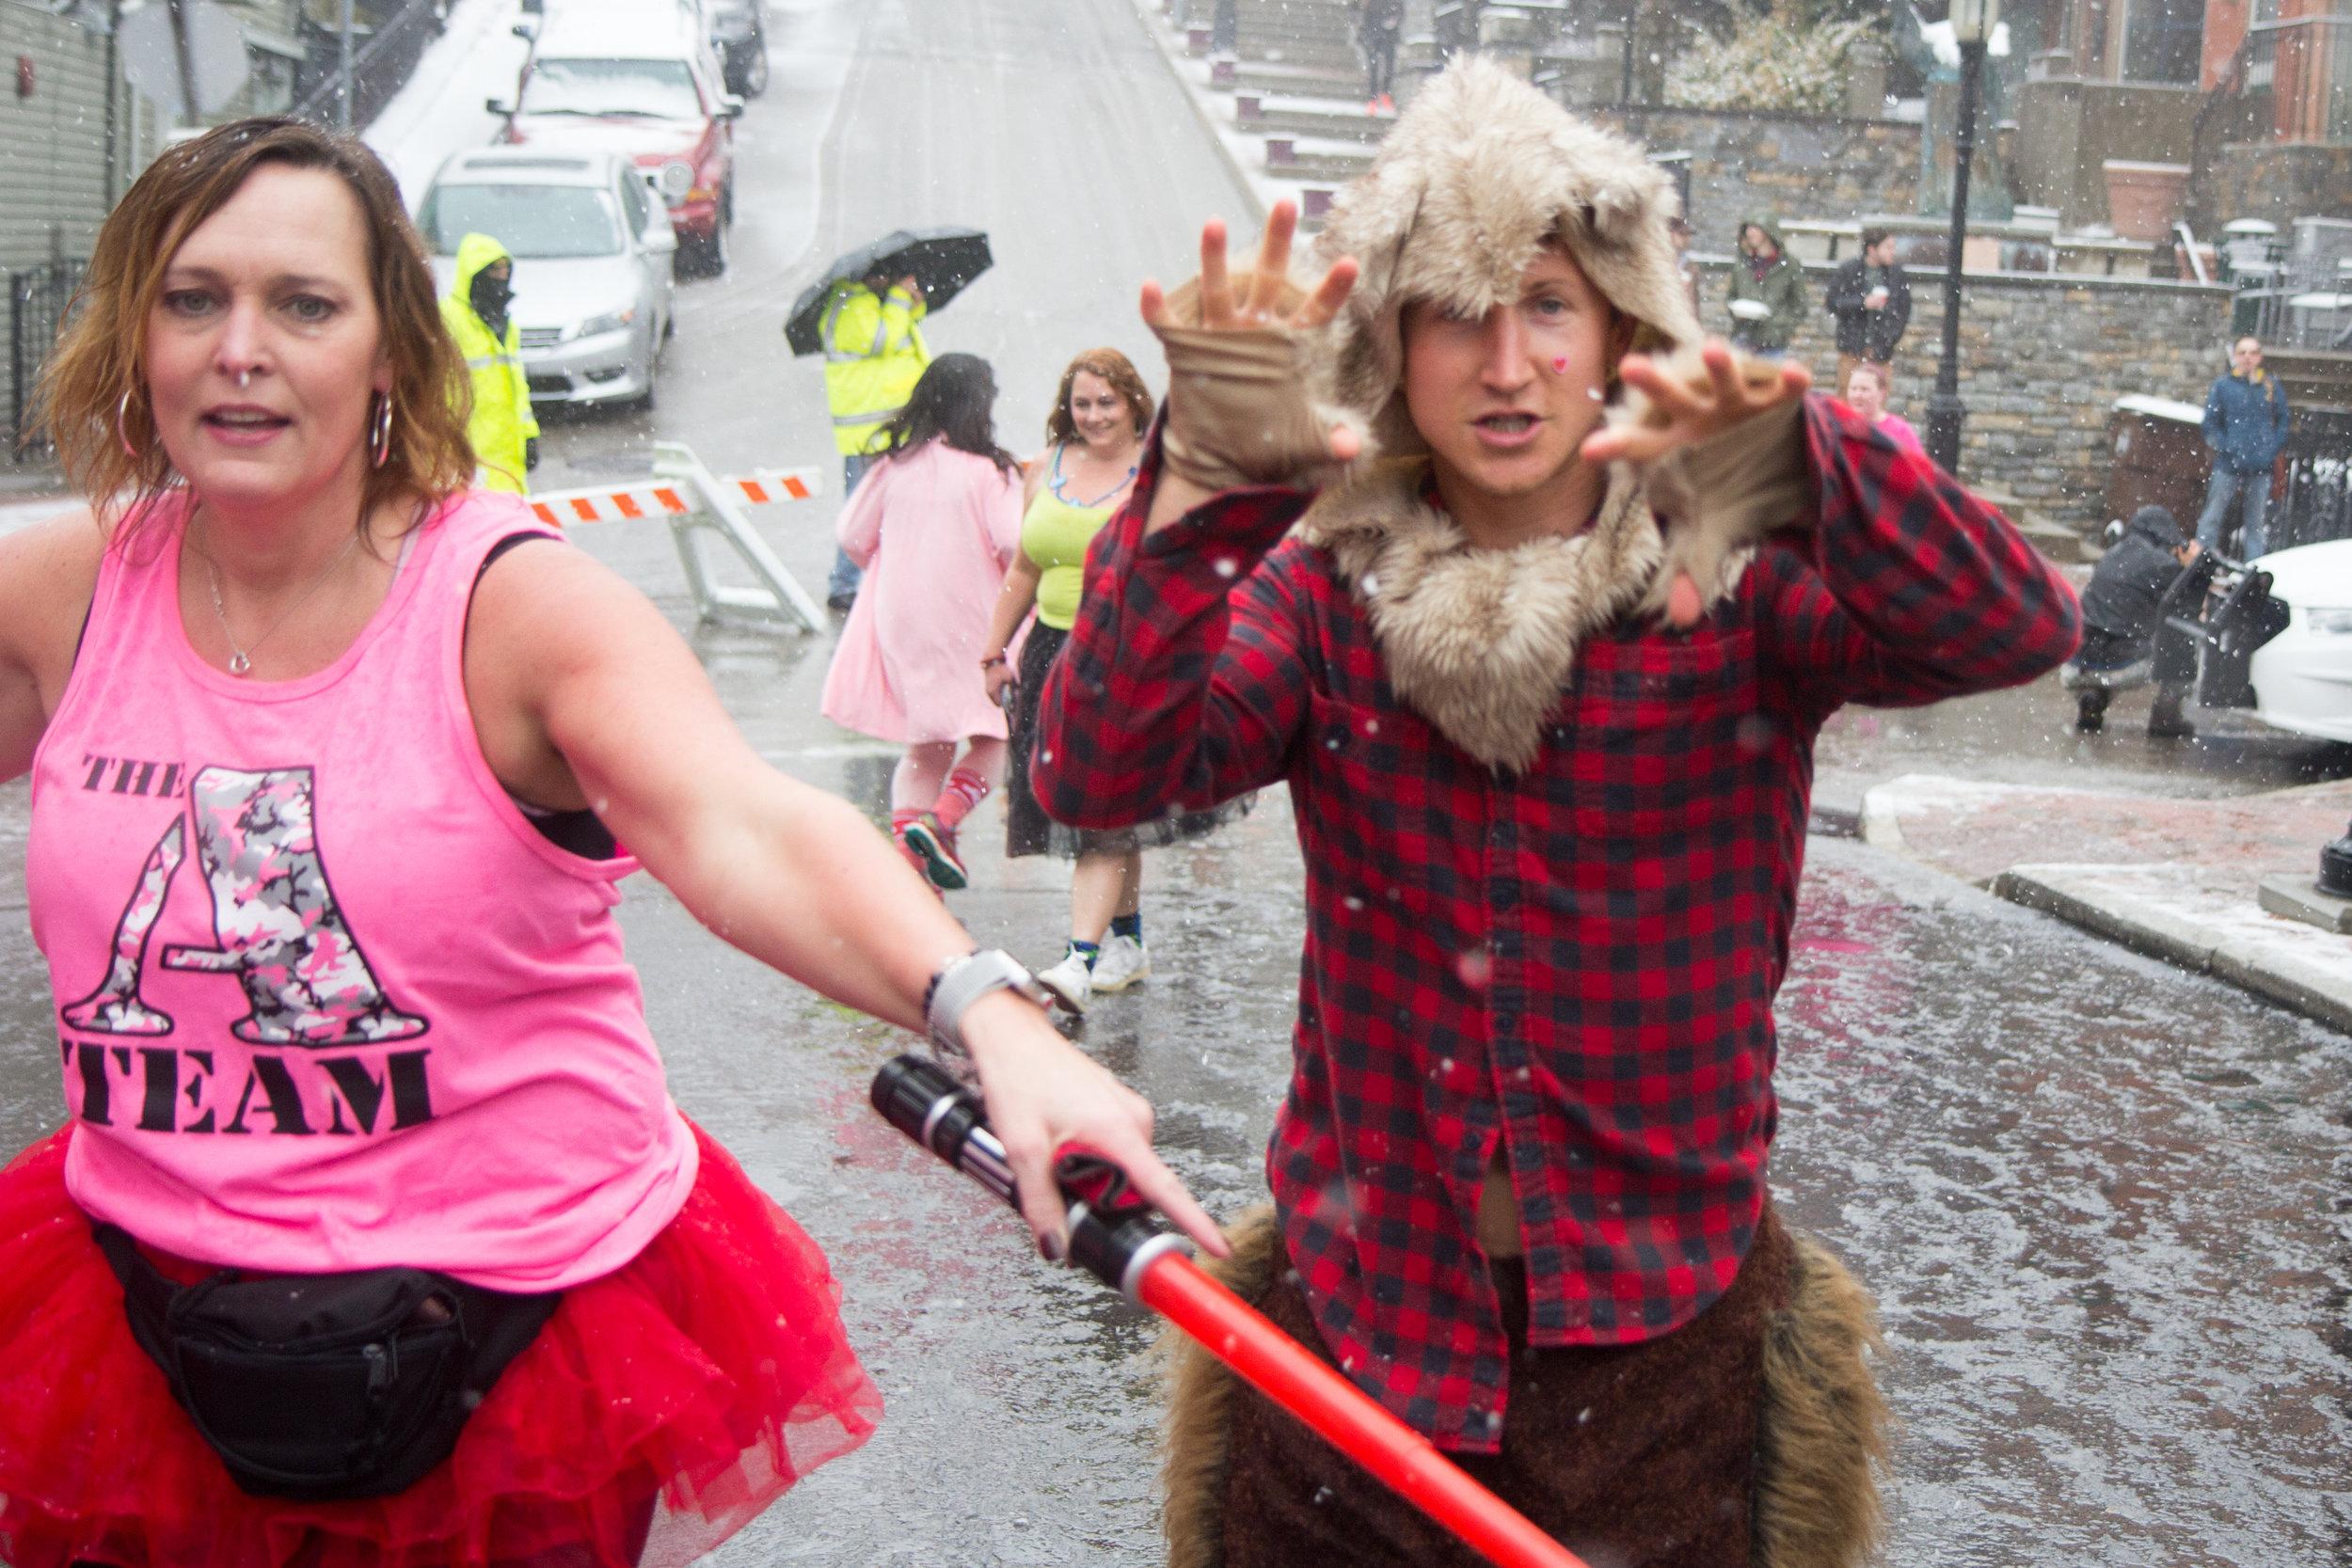 CaseyMillerPhoto - Cupid Undie Run 2018  (227 of 252).jpg